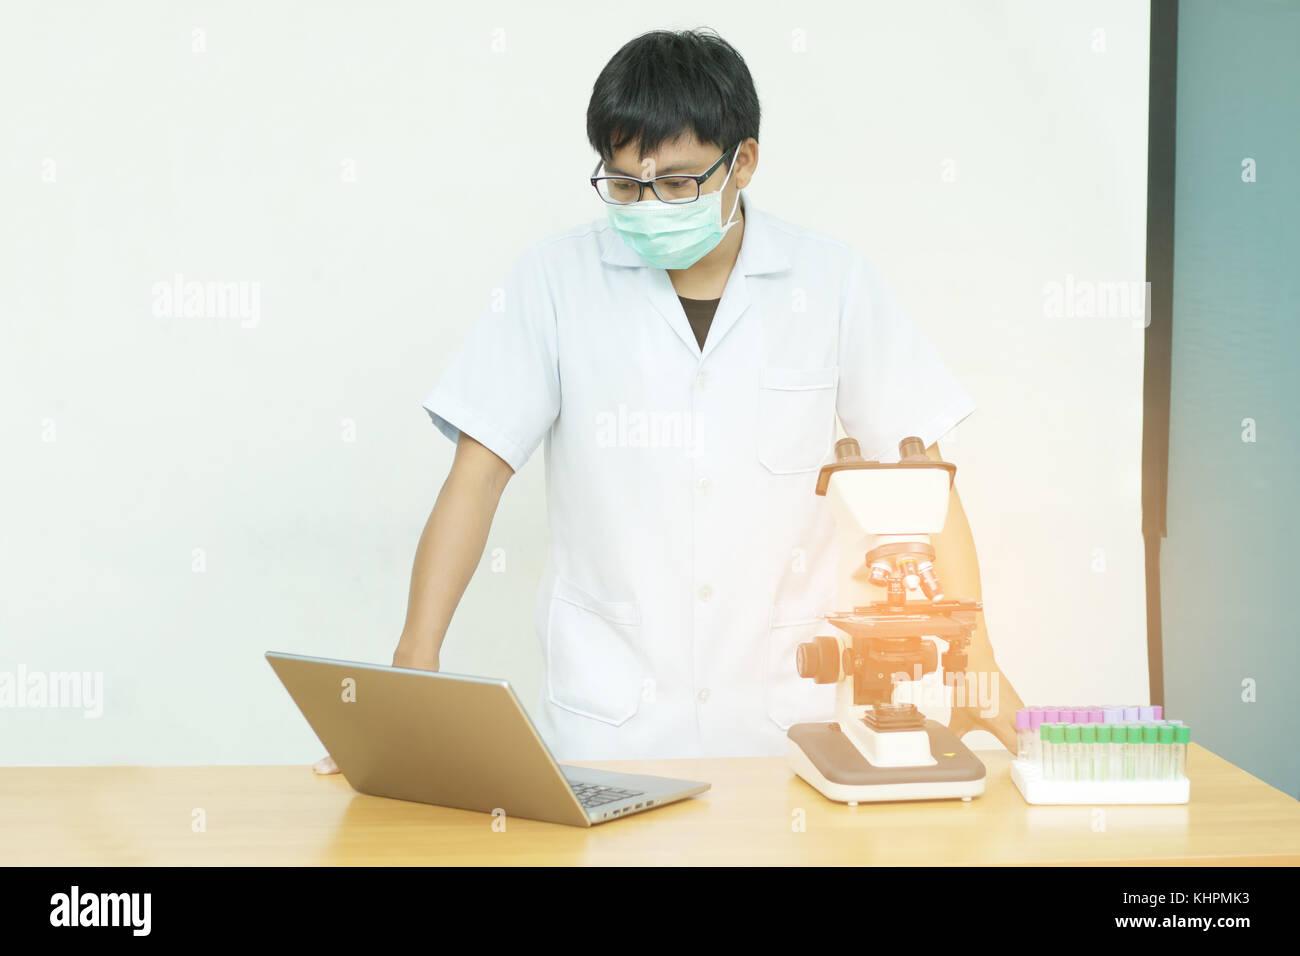 Attrezzature per esperimenti di ricerca in Science Laboratory, microscopia e vuoto di sangue sotto vuoto,Tubo di Immagini Stock